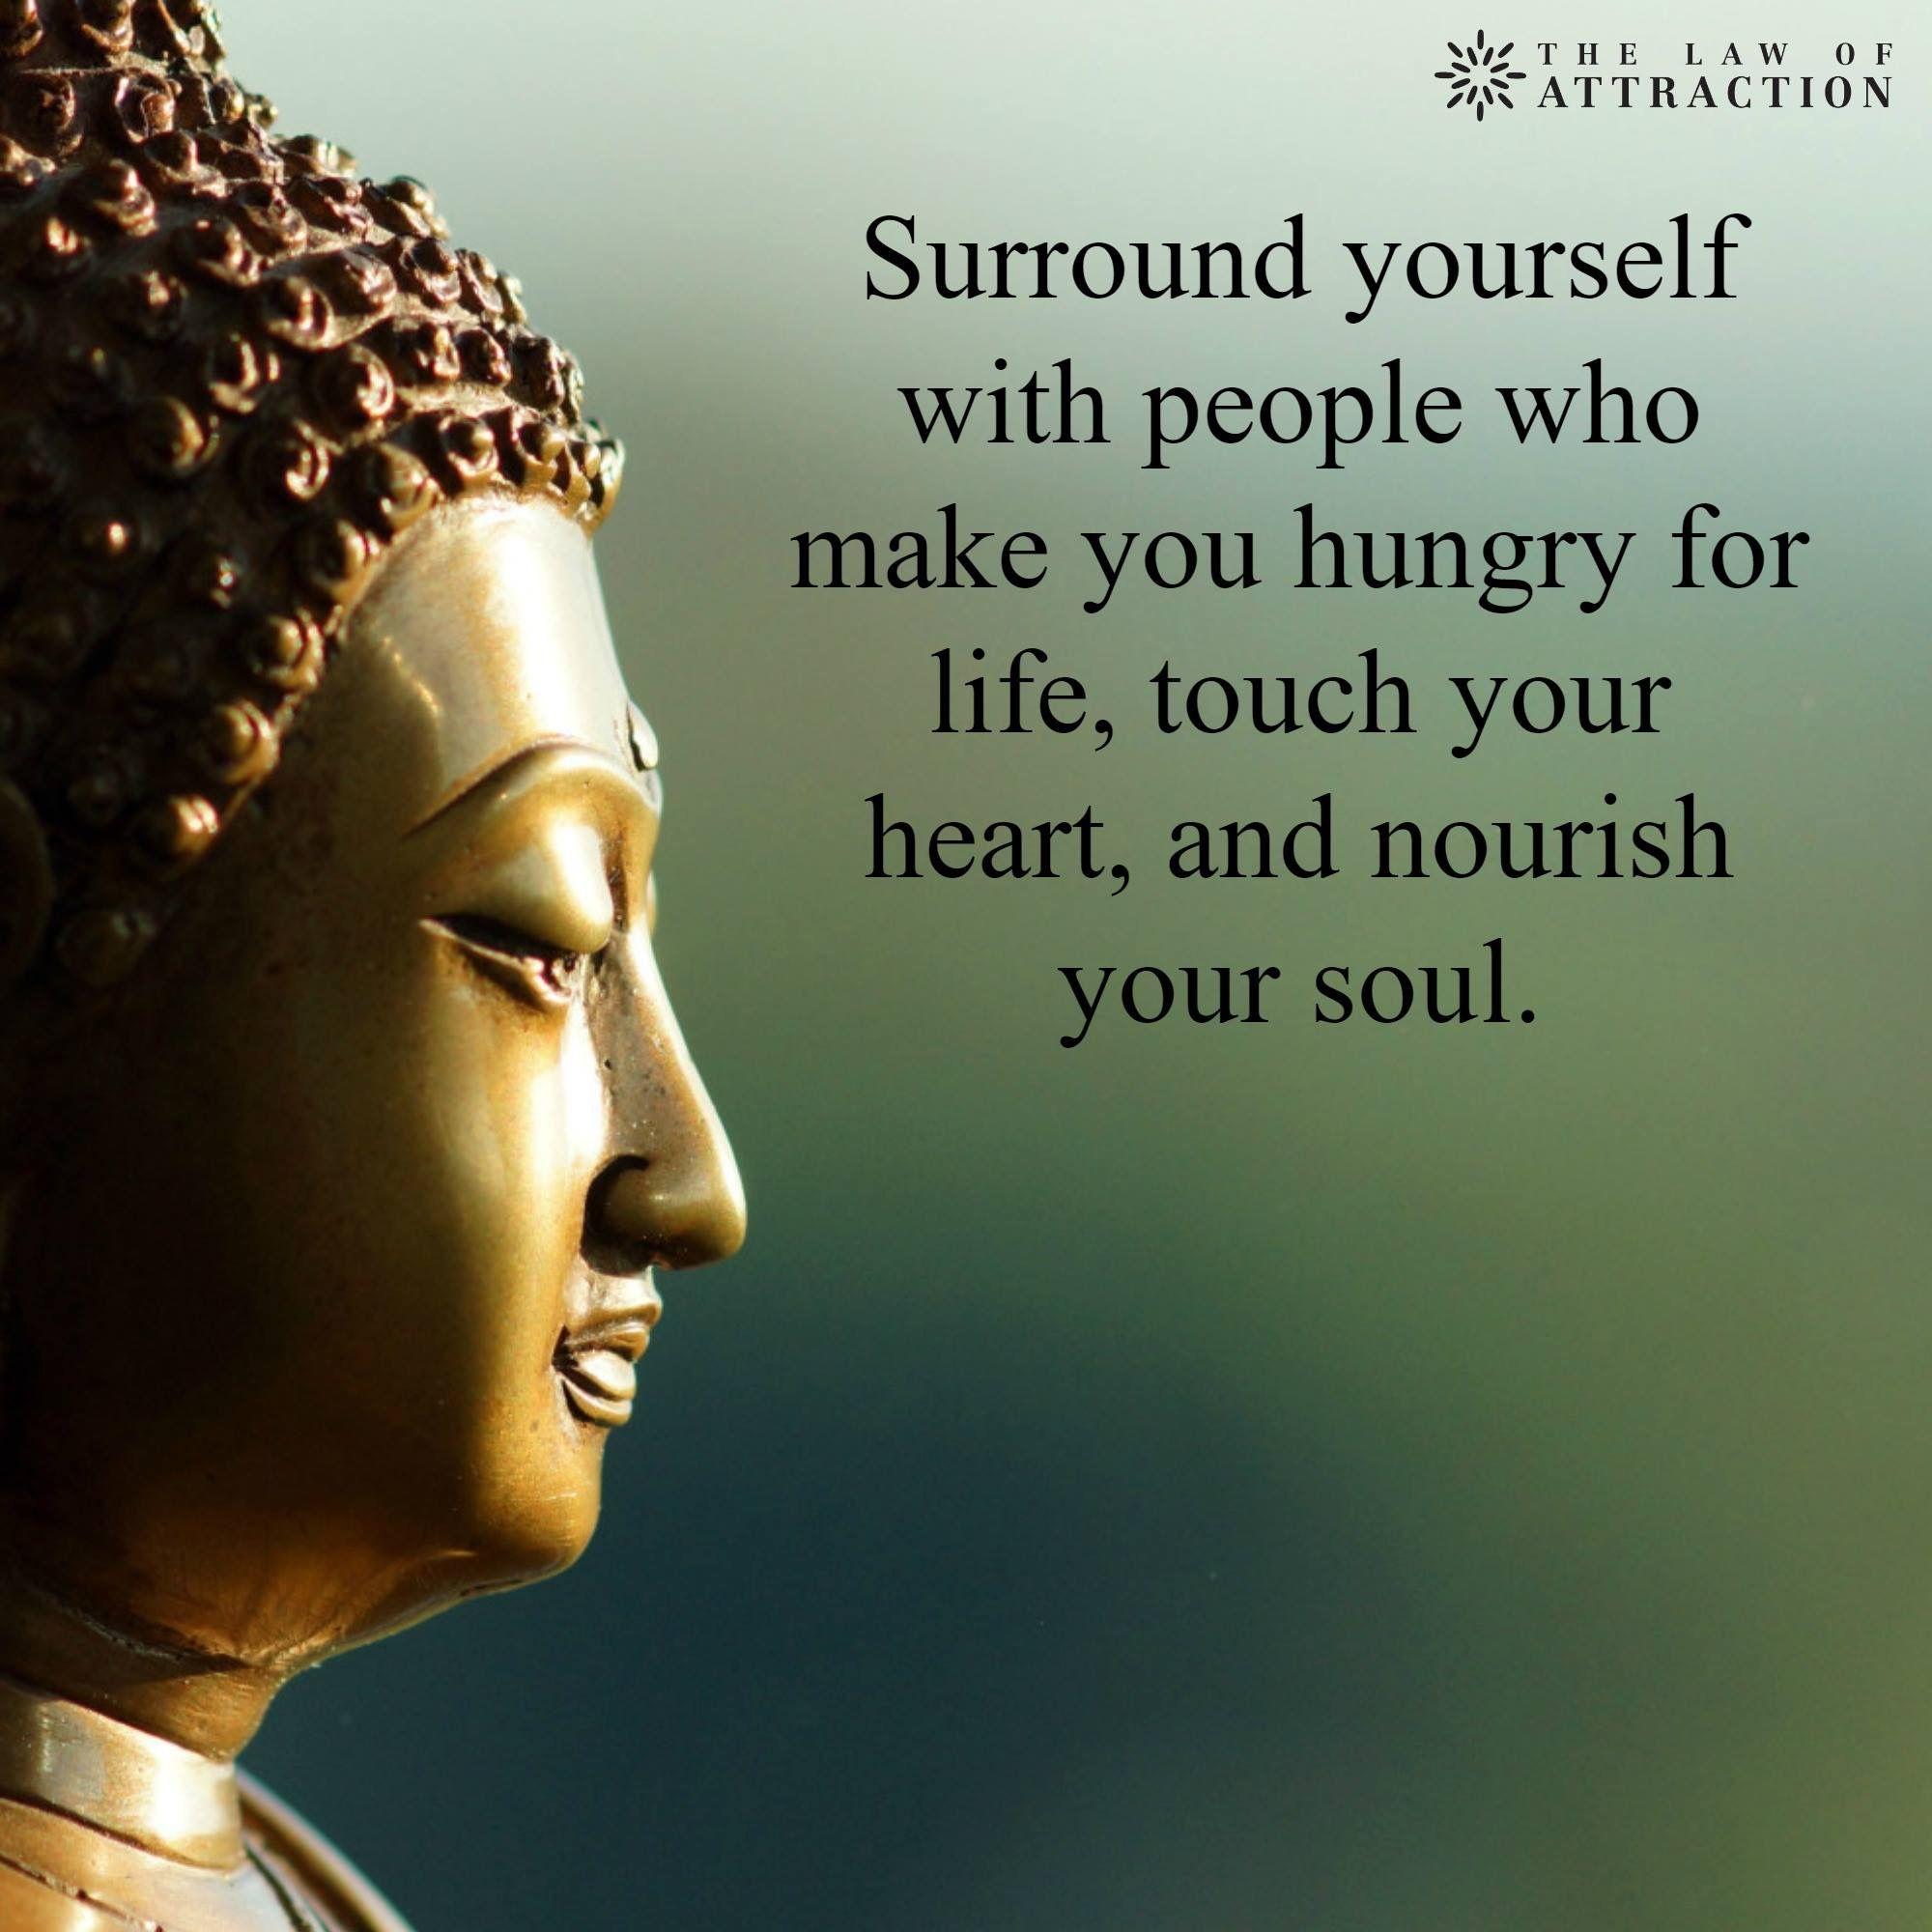 Hungry For Life. Life TouchBuddha TeachingGood QuotesInspirational ...